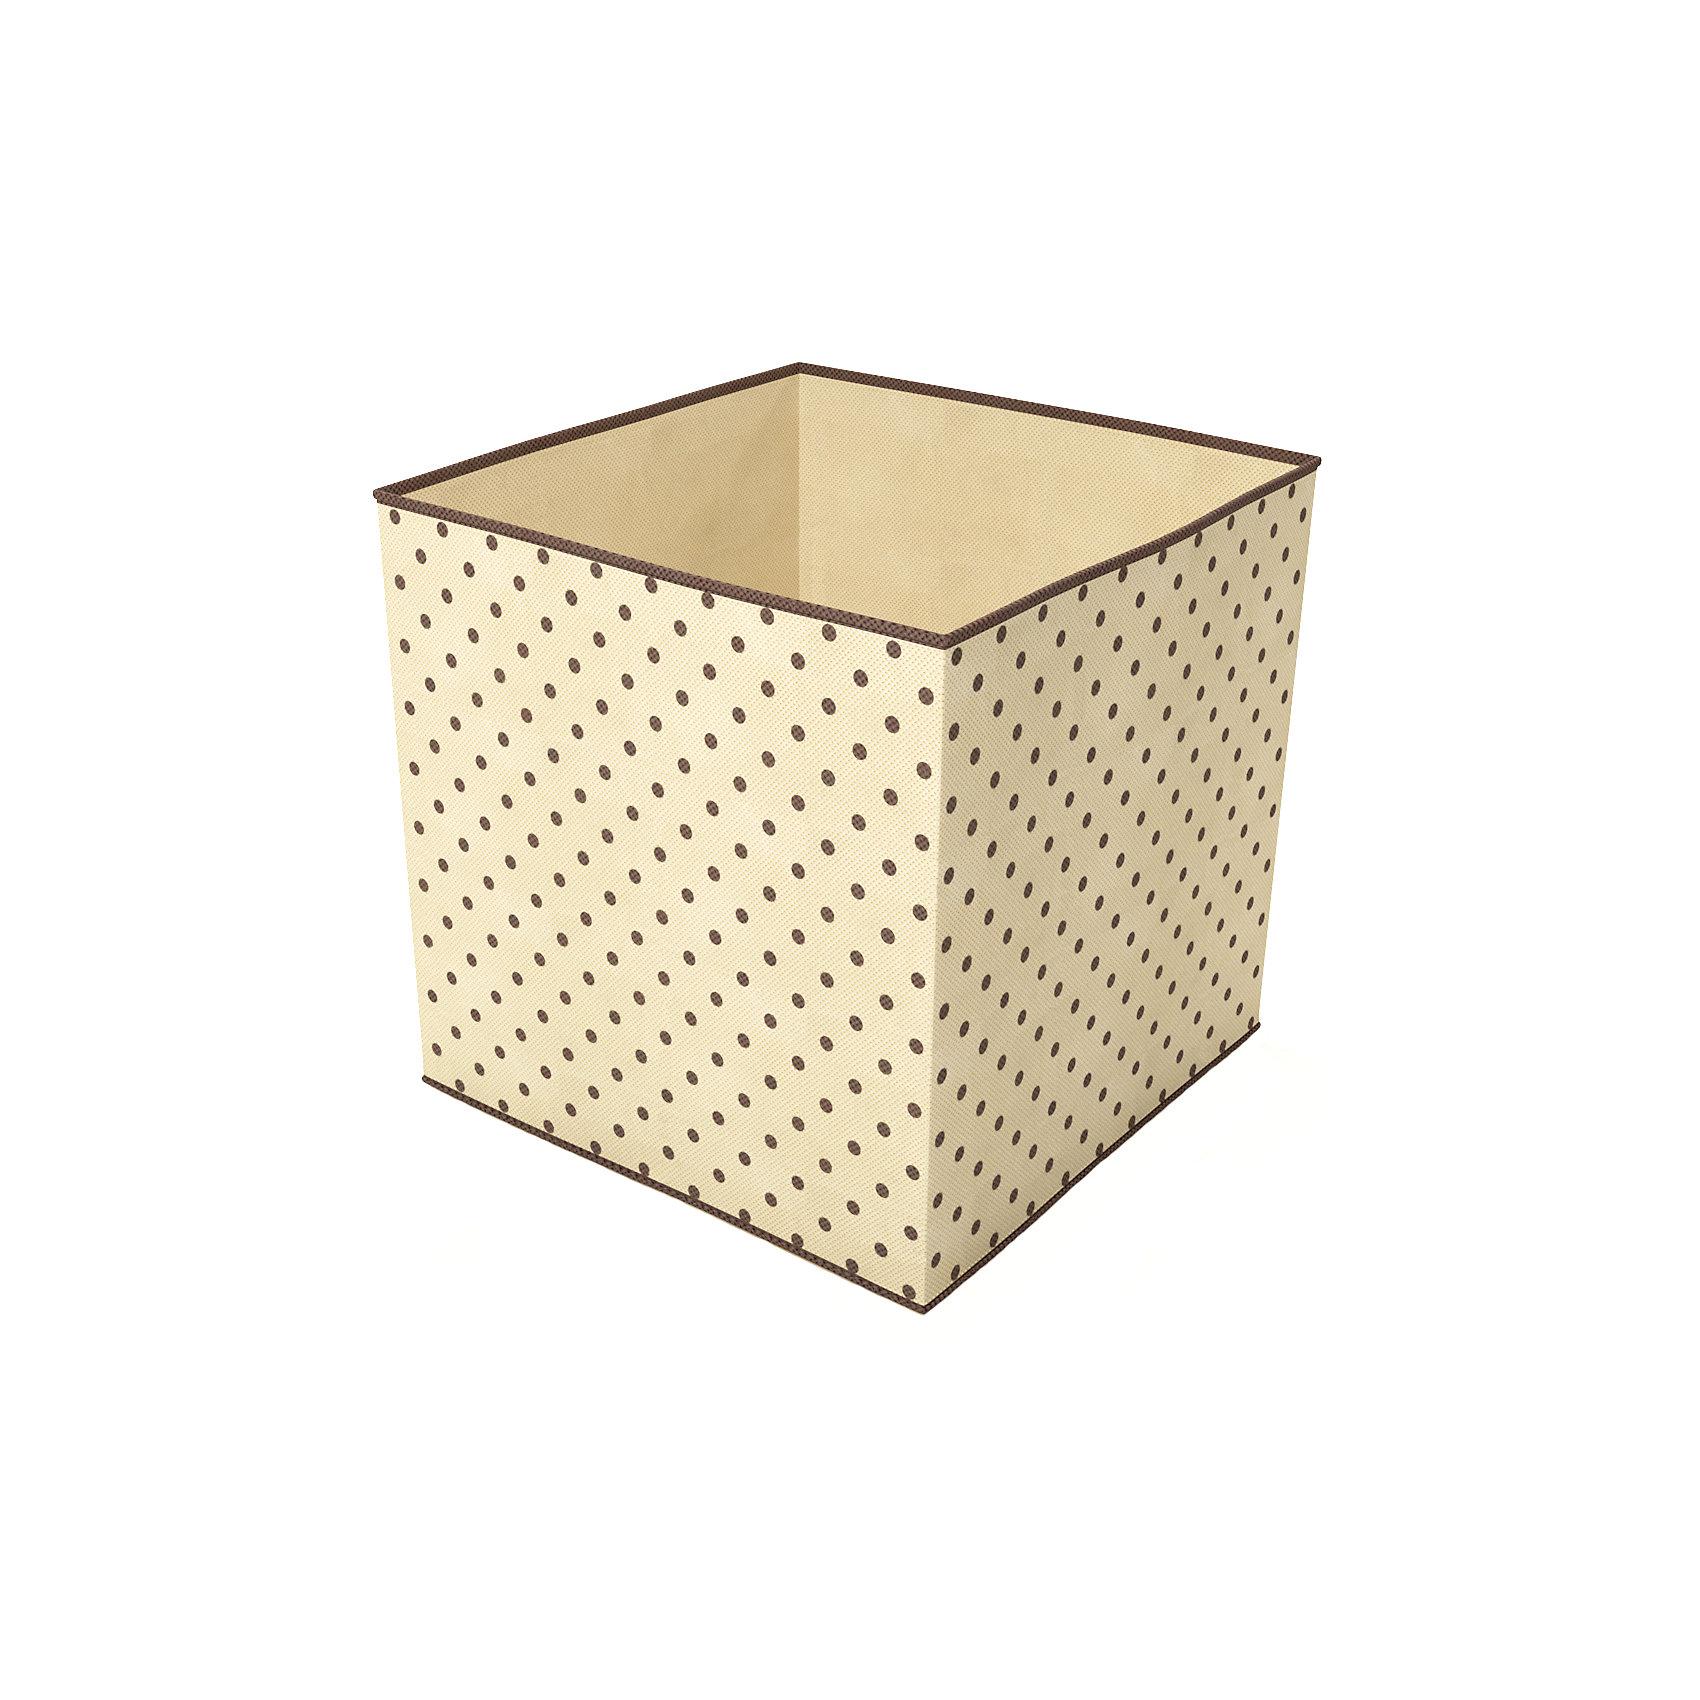 Коробка-куб для хранения вещей (30х30х30 см), HomsuПорядок в детской<br>Характеристики товара:<br><br>• цвет: бежевый<br>• материал: полиэстер, картон<br>• размер: 30х30х30 см<br>• вес: 300 г<br>• легкий прочный каркас<br>• обеспечивает естественную вентиляцию<br>• вместимость: 1 отделение<br>• страна бренда: Россия<br>• страна изготовитель: Китай<br><br>Коробка-куб для хранения вещей (30х30х30 см) от бренда Homsu (Хомсу) - очень удобная вещь для хранения вещей и эргономичной организации пространства.<br><br>Предмет легкий, устойчивый, вместительный, обеспечивает естественную вентиляцию.<br><br>Коробку-куб для хранения вещей (30х30х30 см), Homsu можно купить в нашем интернет-магазине.<br><br>Ширина мм: 300<br>Глубина мм: 300<br>Высота мм: 20<br>Вес г: 400<br>Возраст от месяцев: 216<br>Возраст до месяцев: 1188<br>Пол: Унисекс<br>Возраст: Детский<br>SKU: 5620093